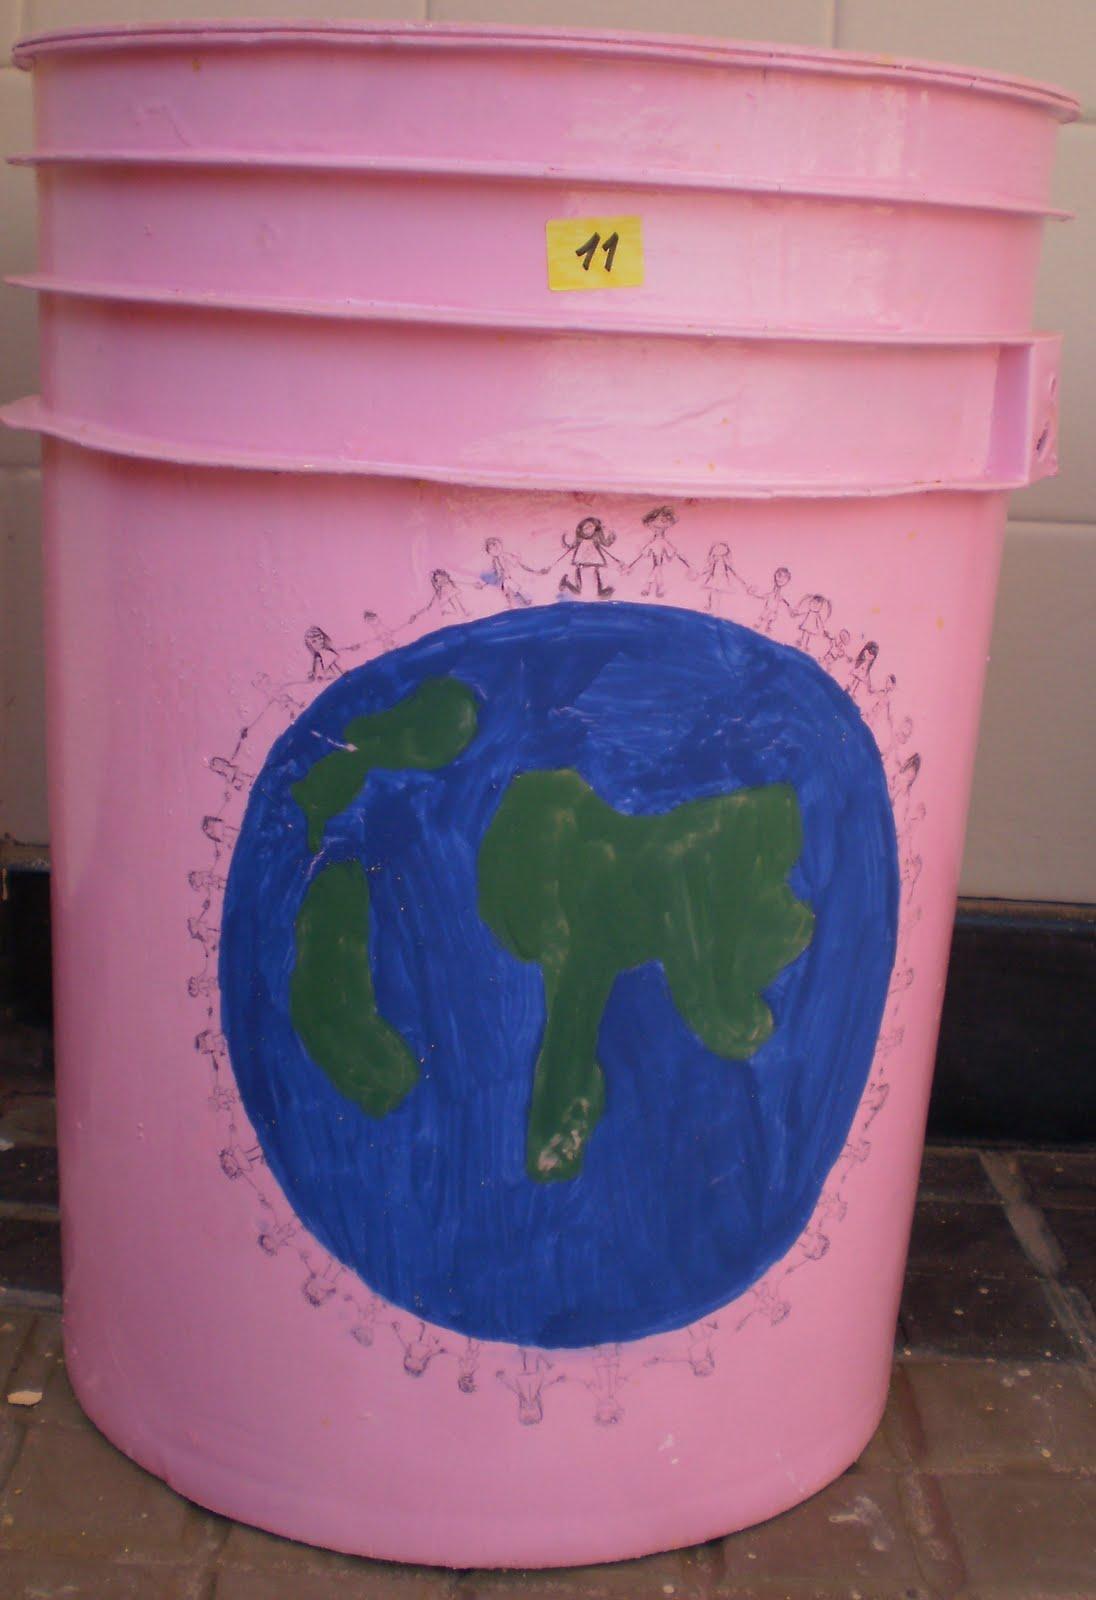 Fotos de cestos de basura que participaron del concurso La basura en